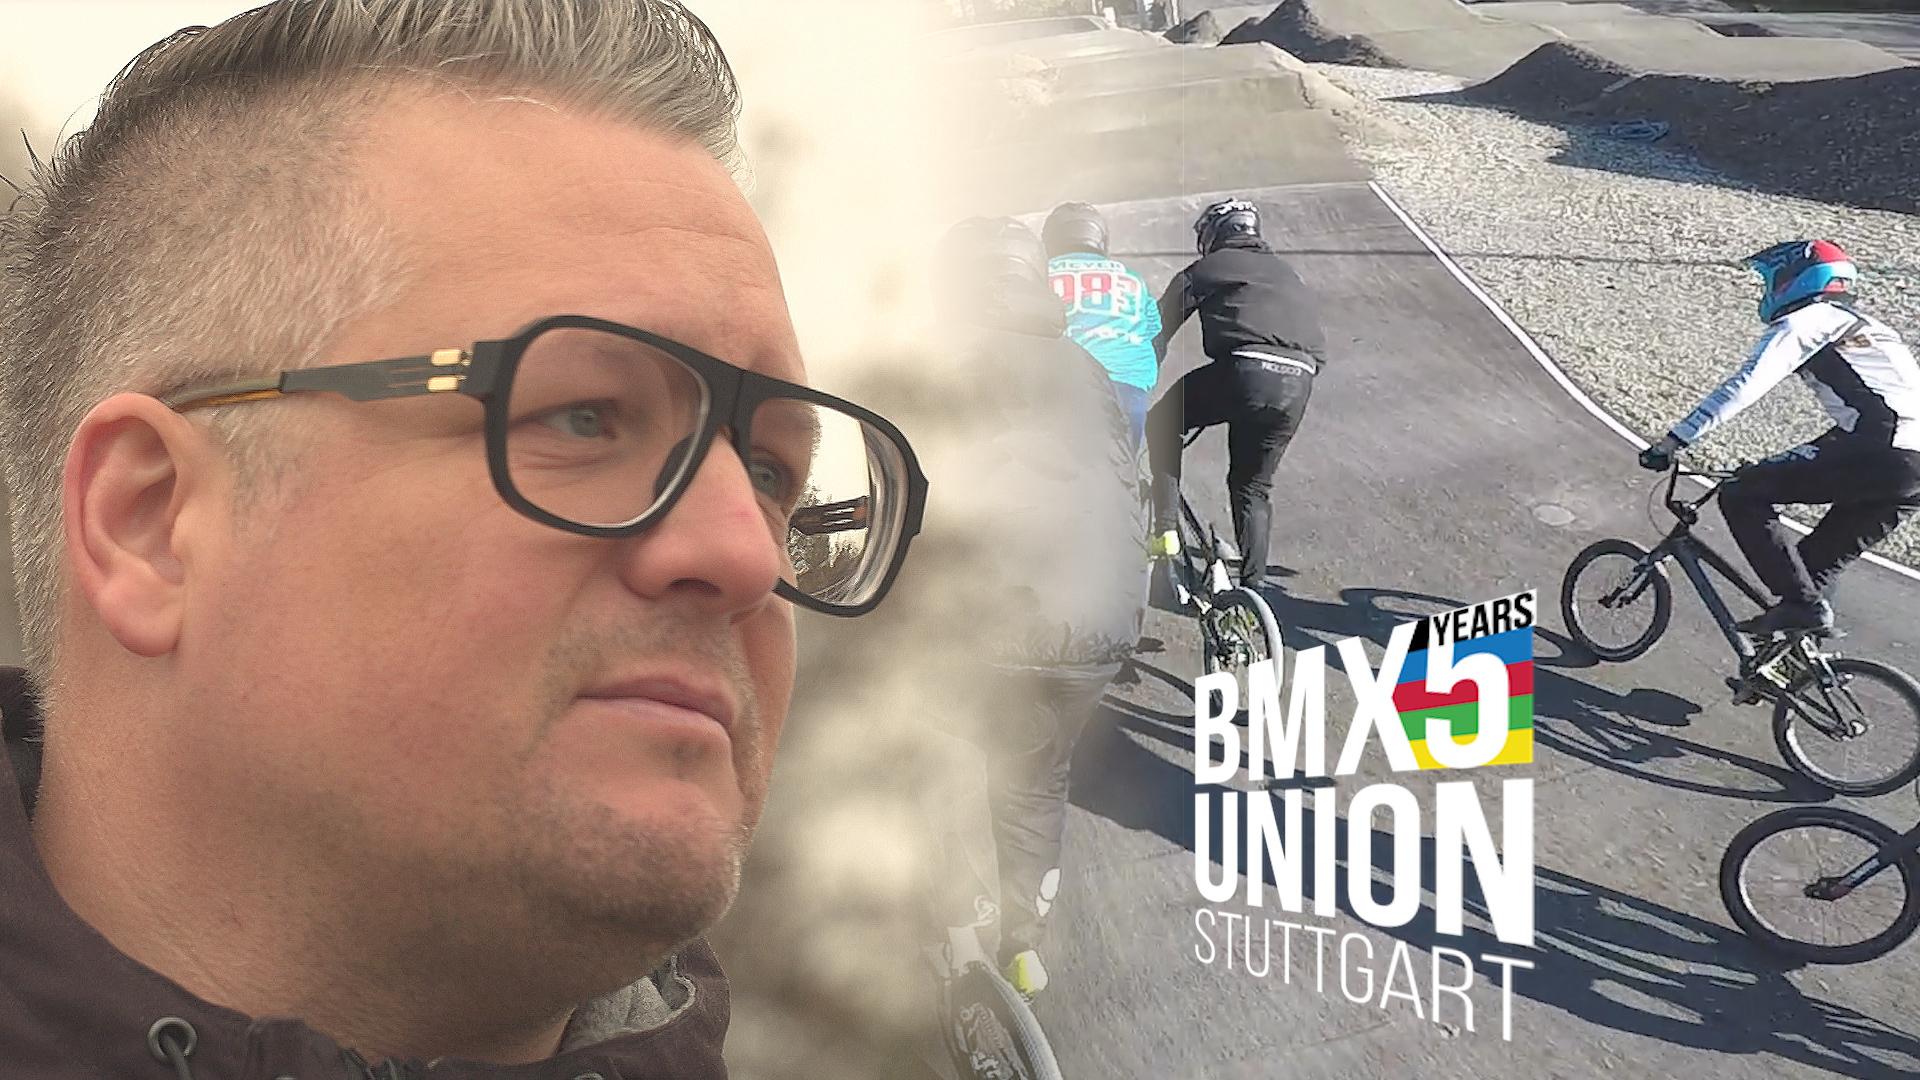 BMX Sport in Stuttgart auf dem Weg zum nächsten Level